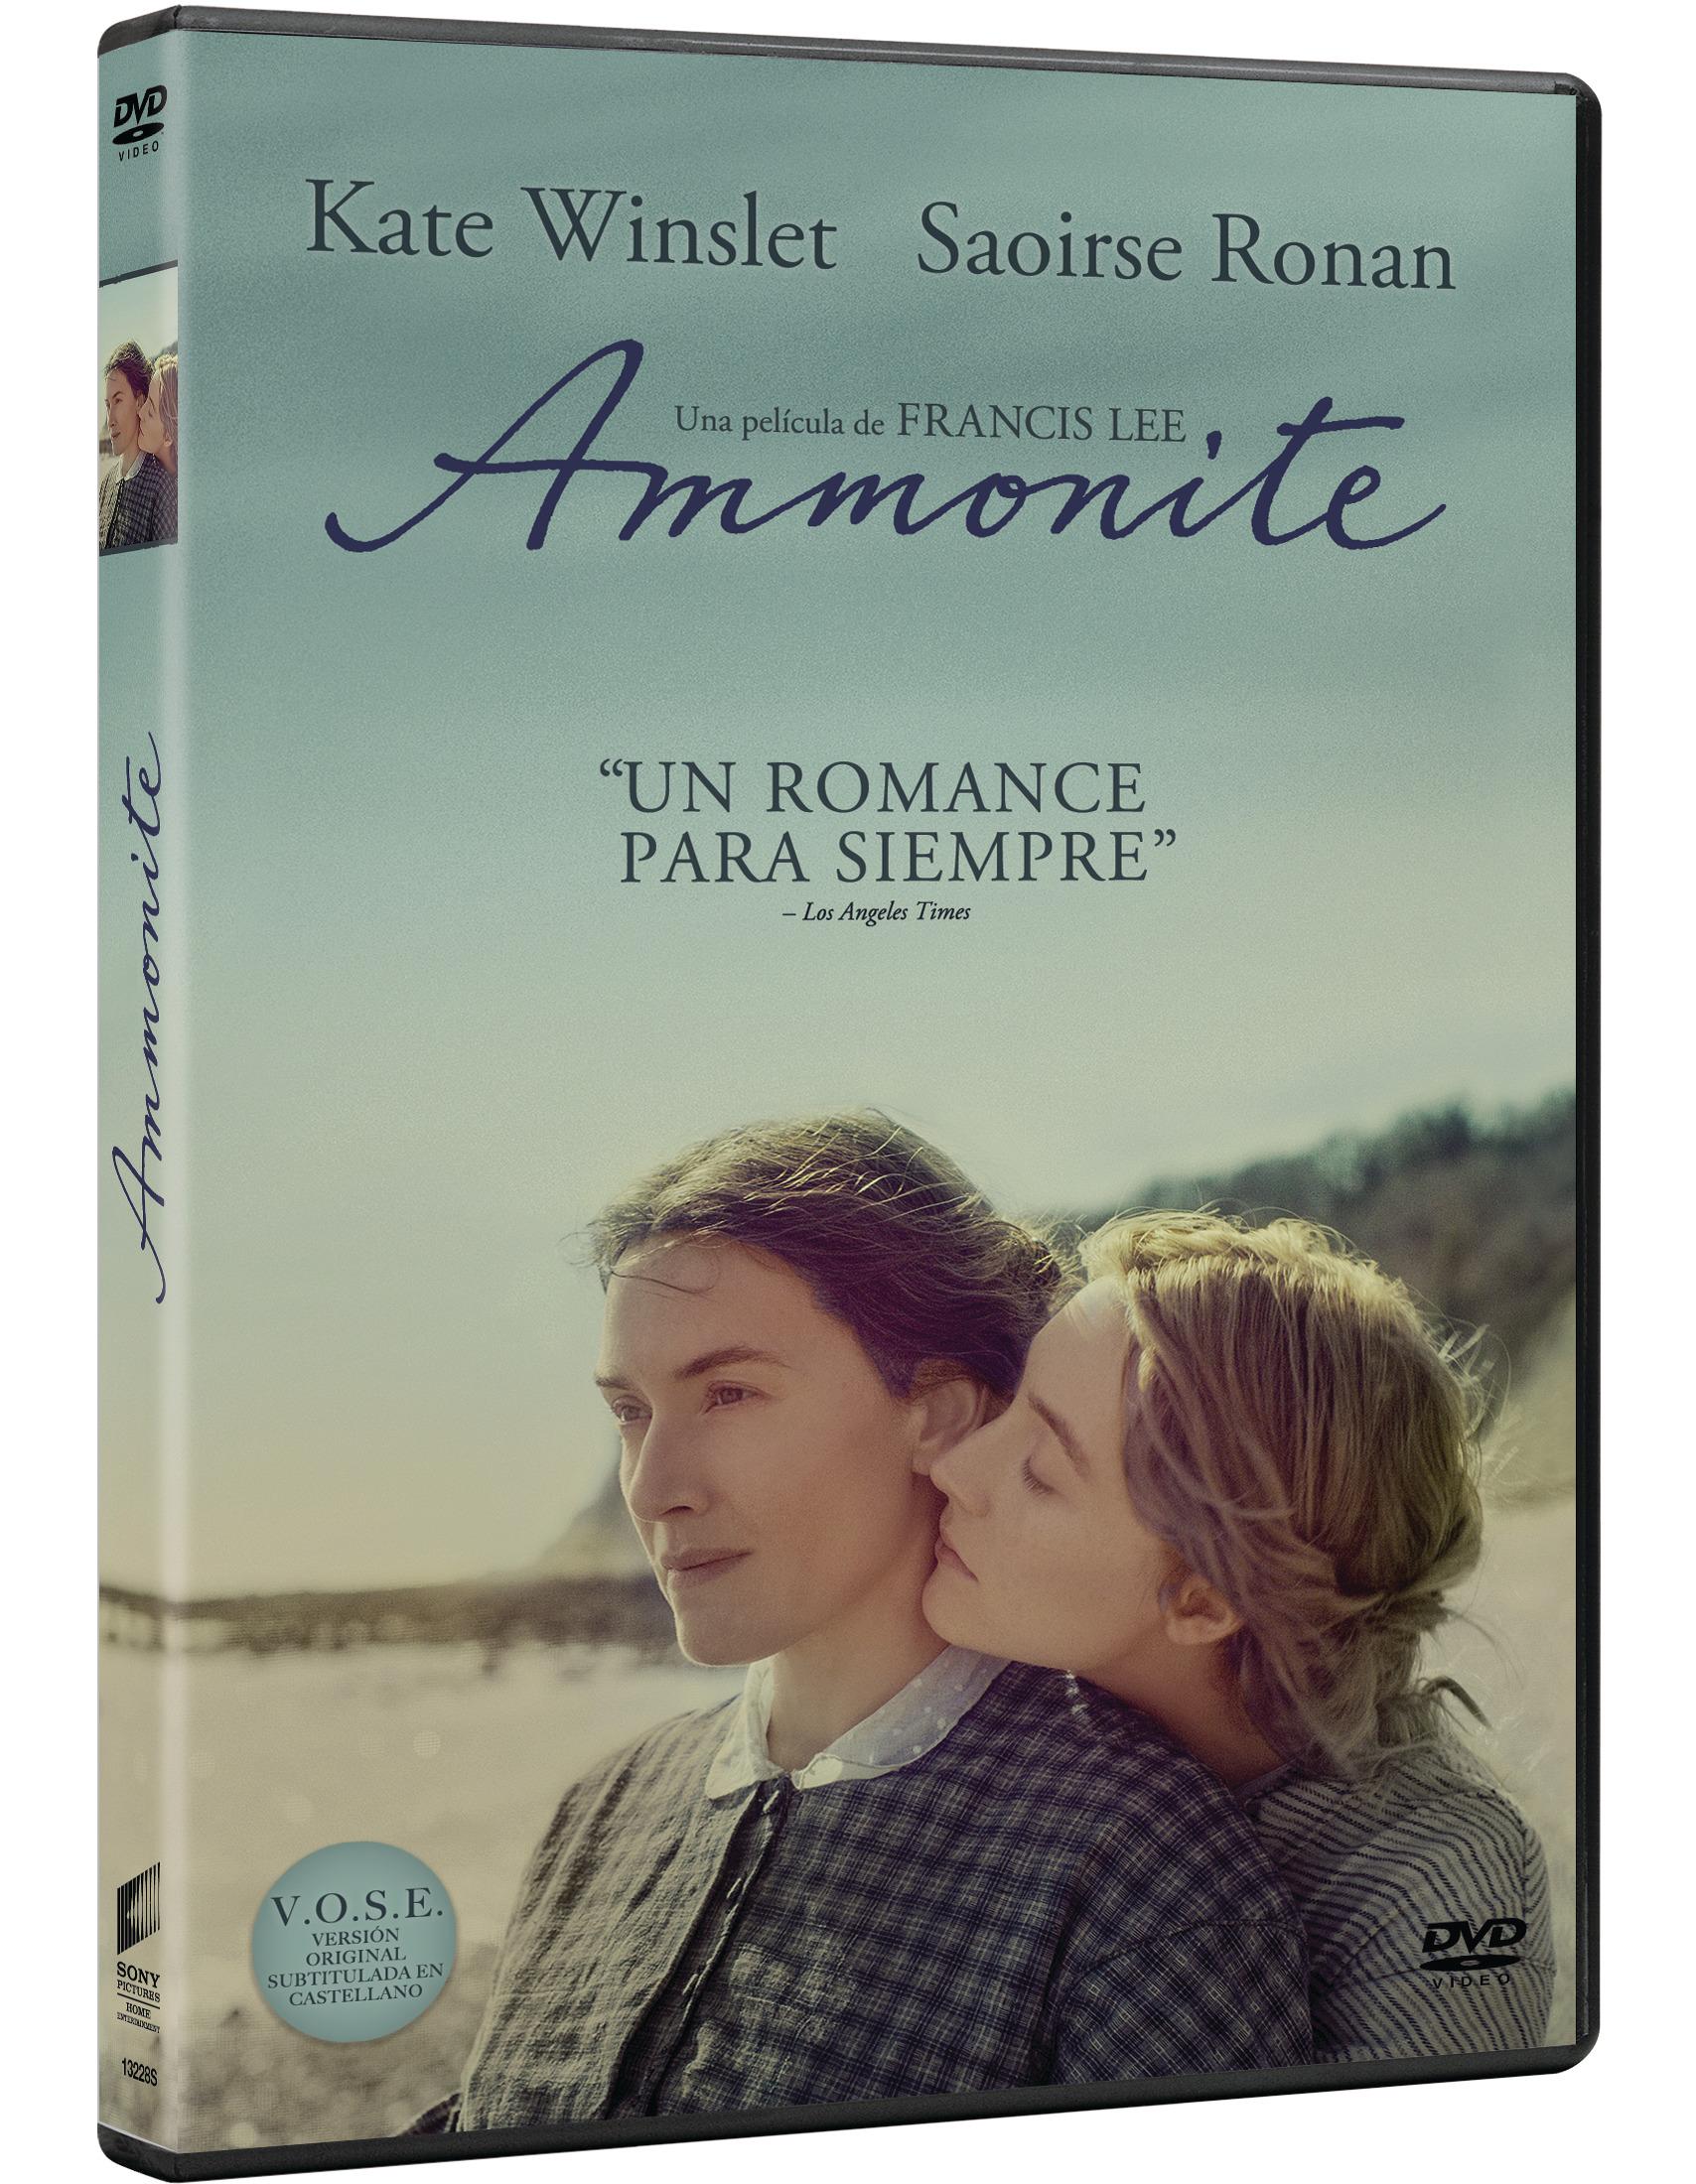 'Ammonite' llegará en Dvd el 19 de mayo • En tu pantalla